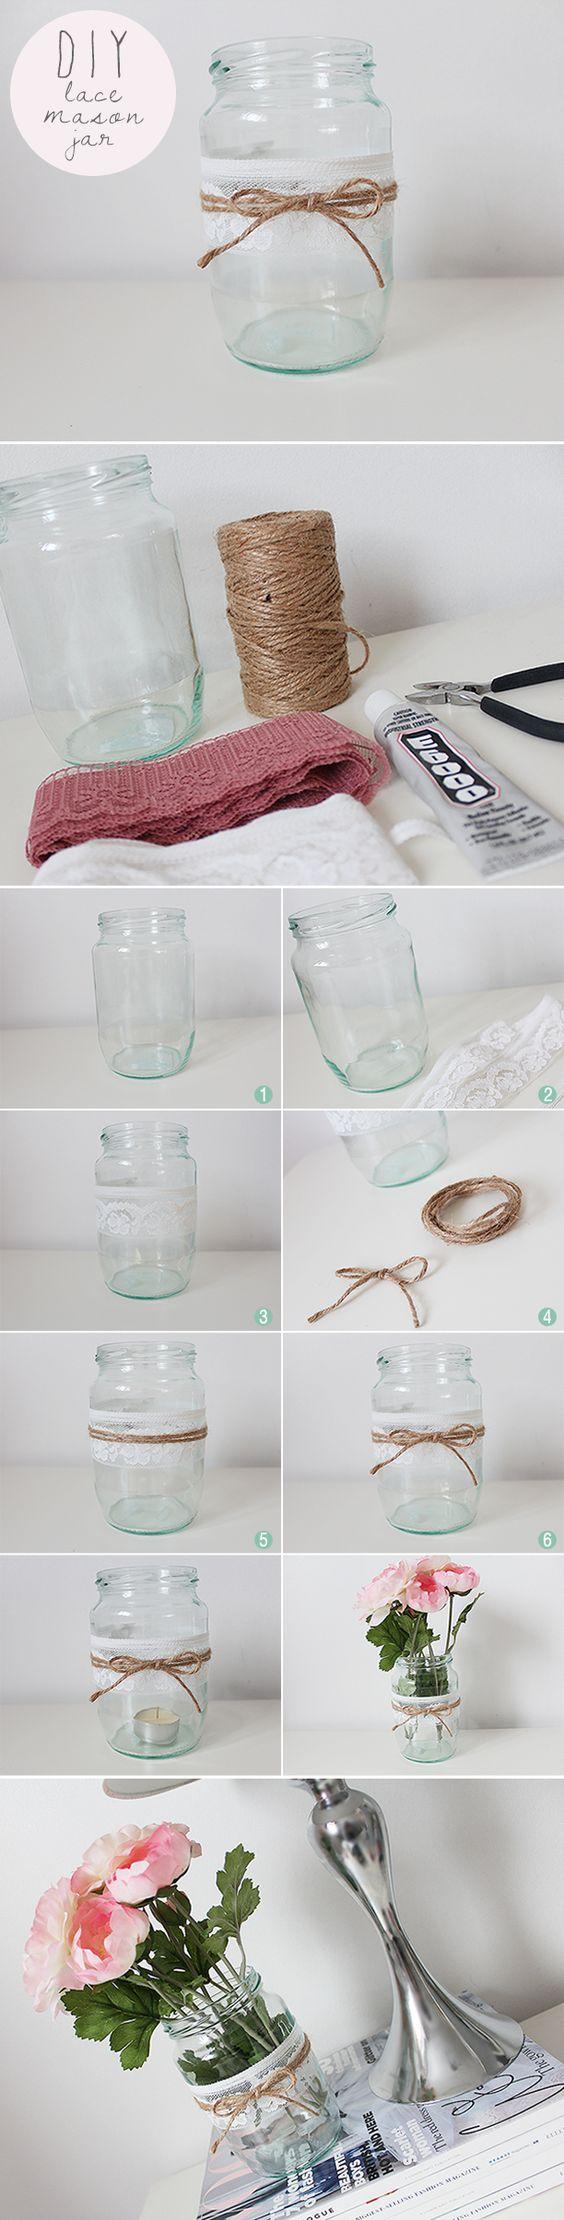 DIY Lace Mason Jar - Nouvelle Daily